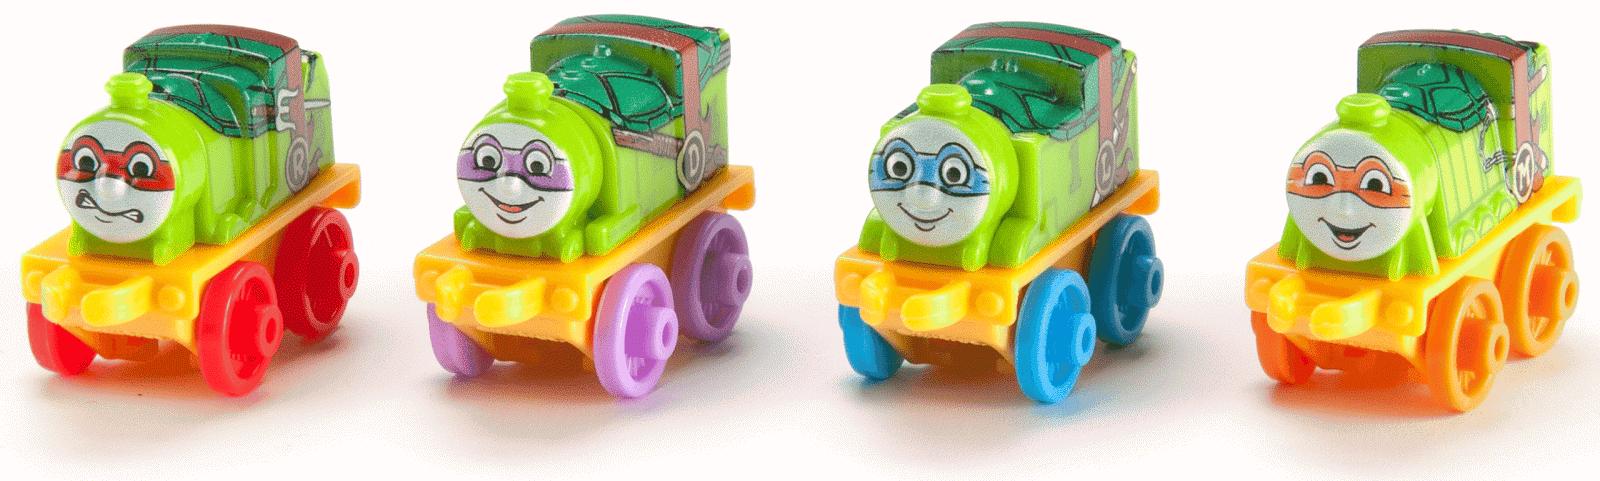 Mini S Thomas